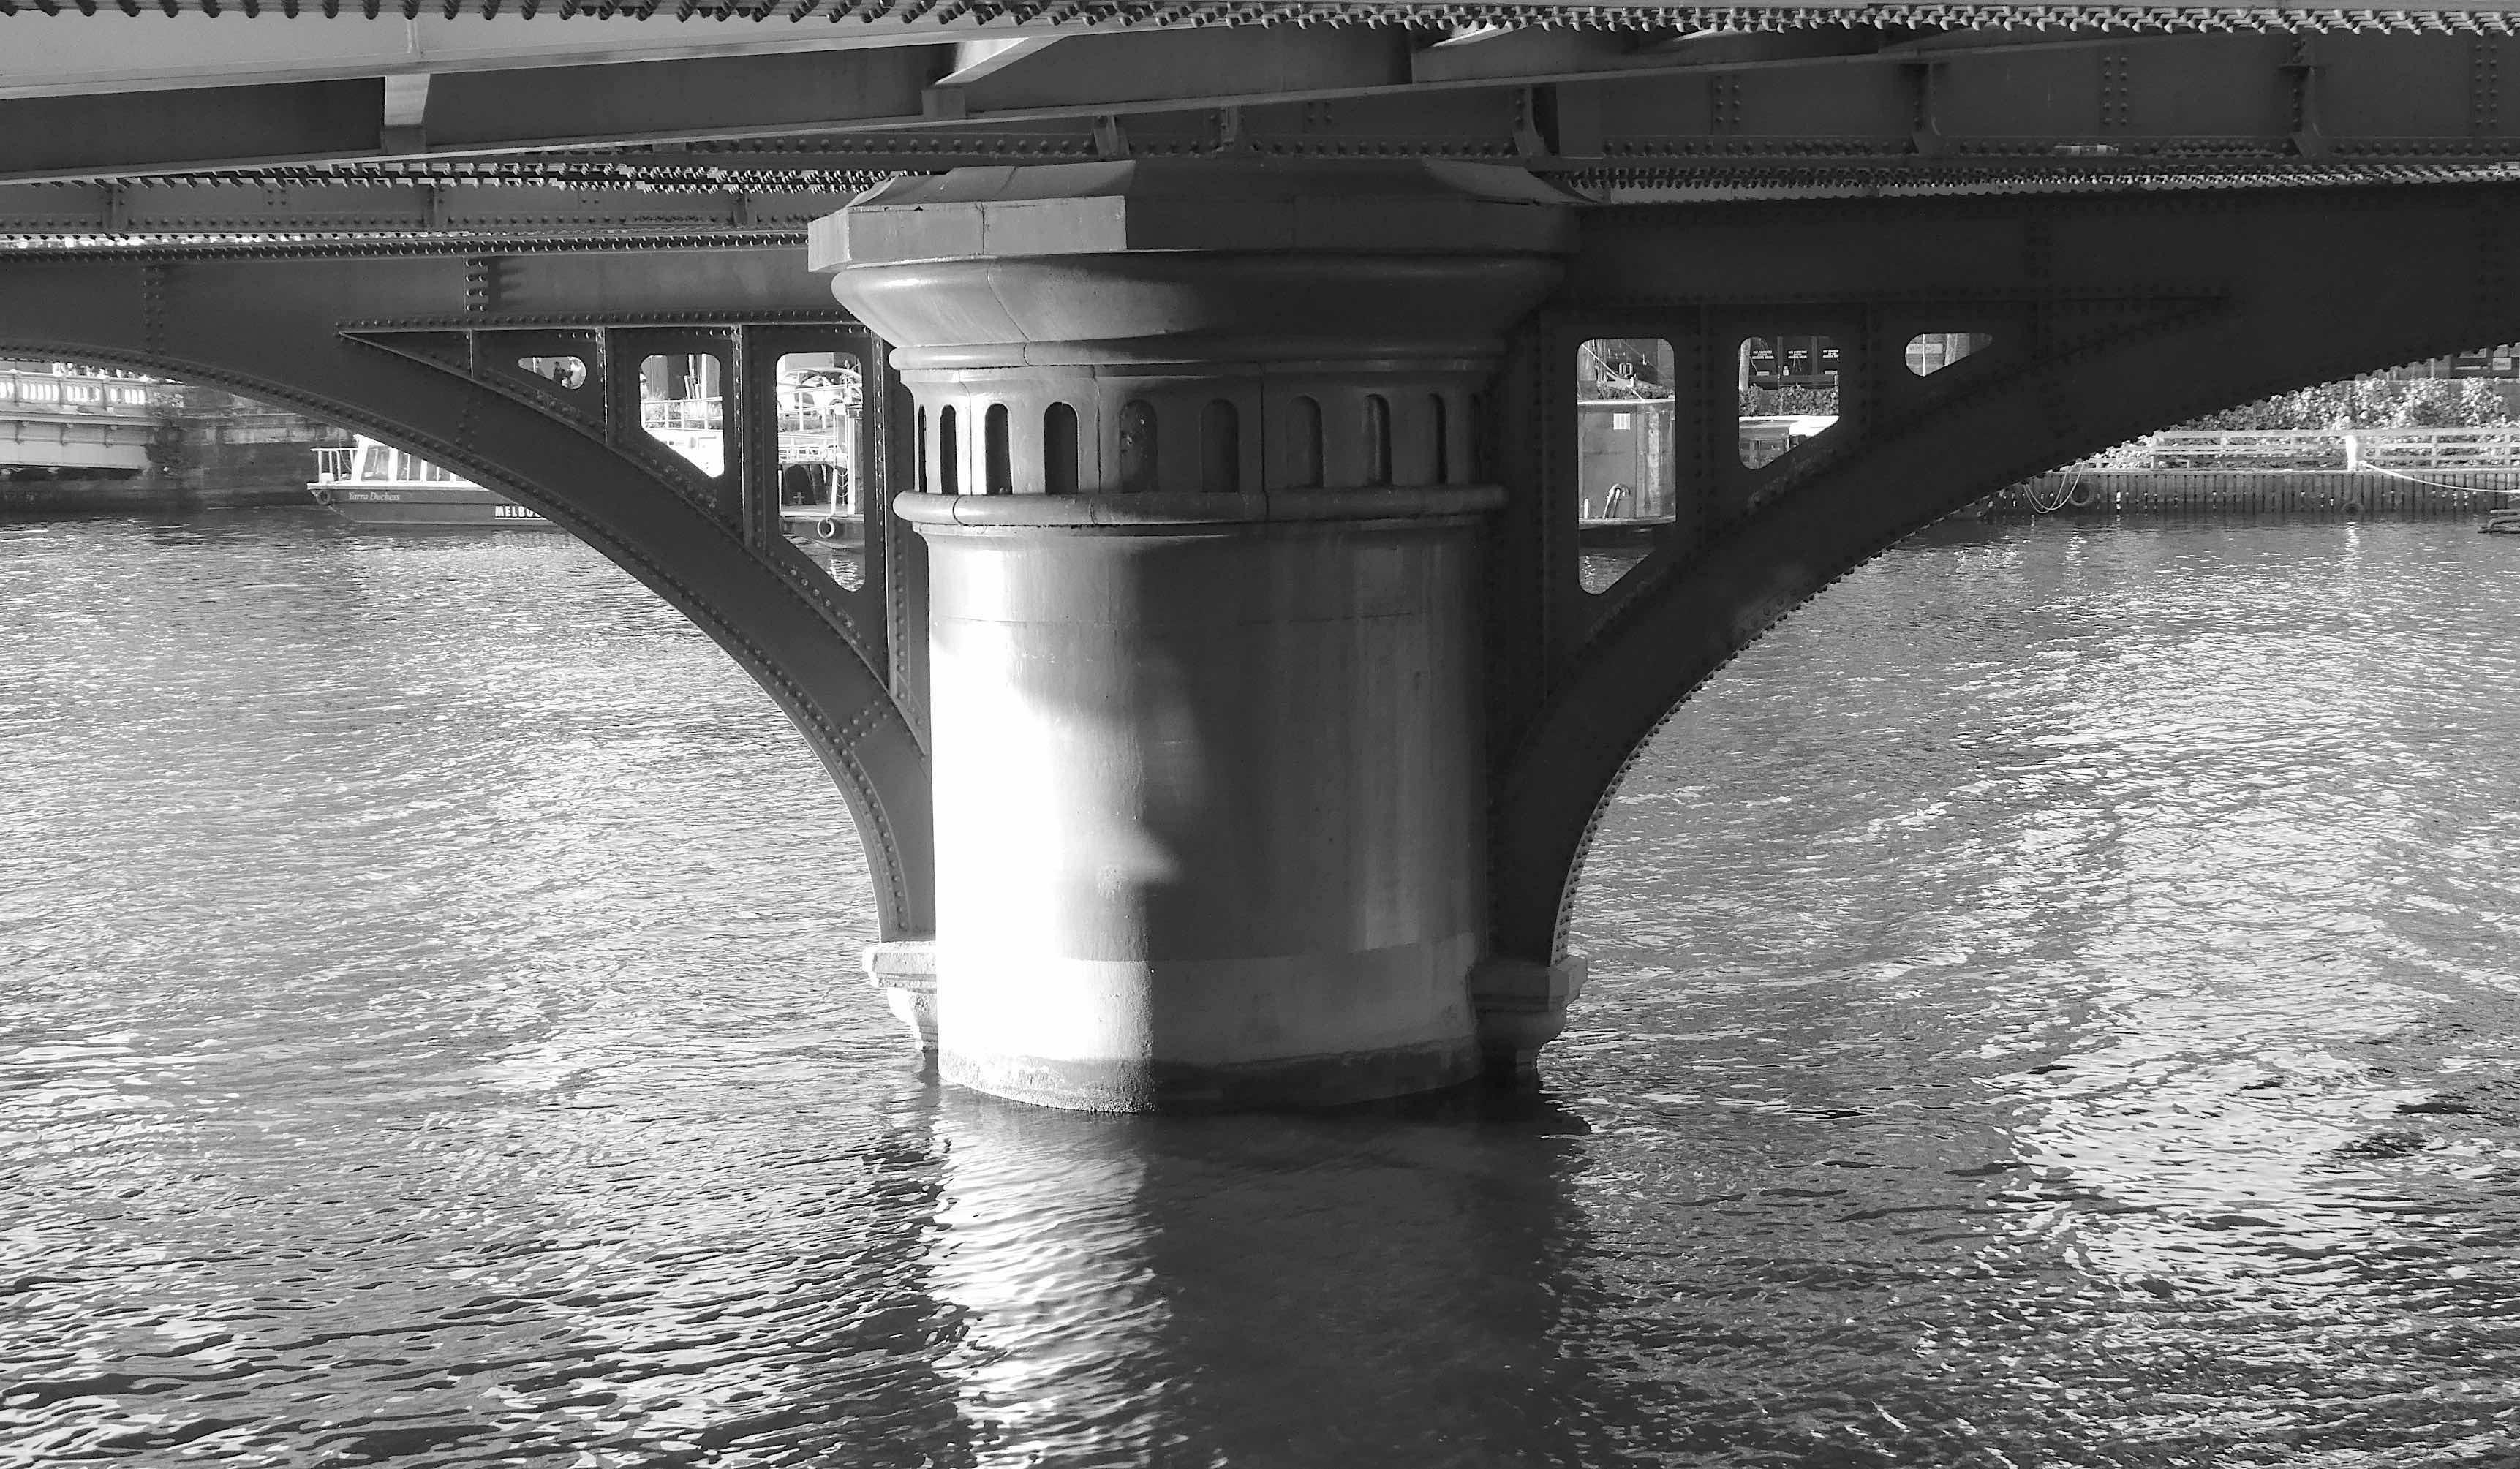 3.Sandridge Bridge p.m.